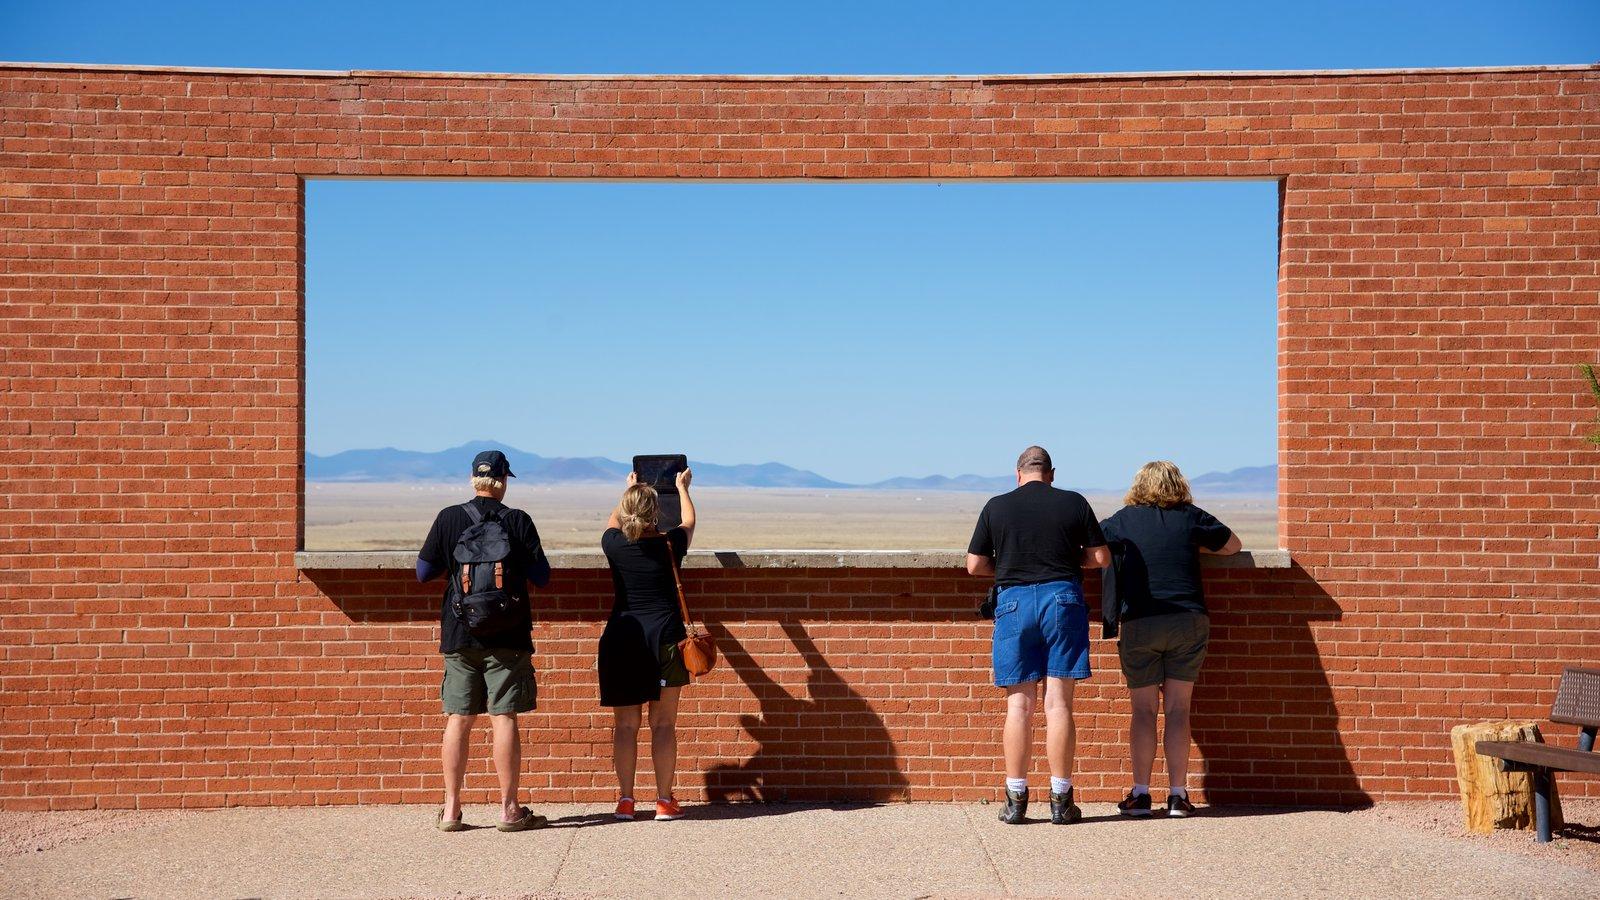 Meteor Crater que inclui cenas tranquilas e paisagens do deserto assim como um pequeno grupo de pessoas